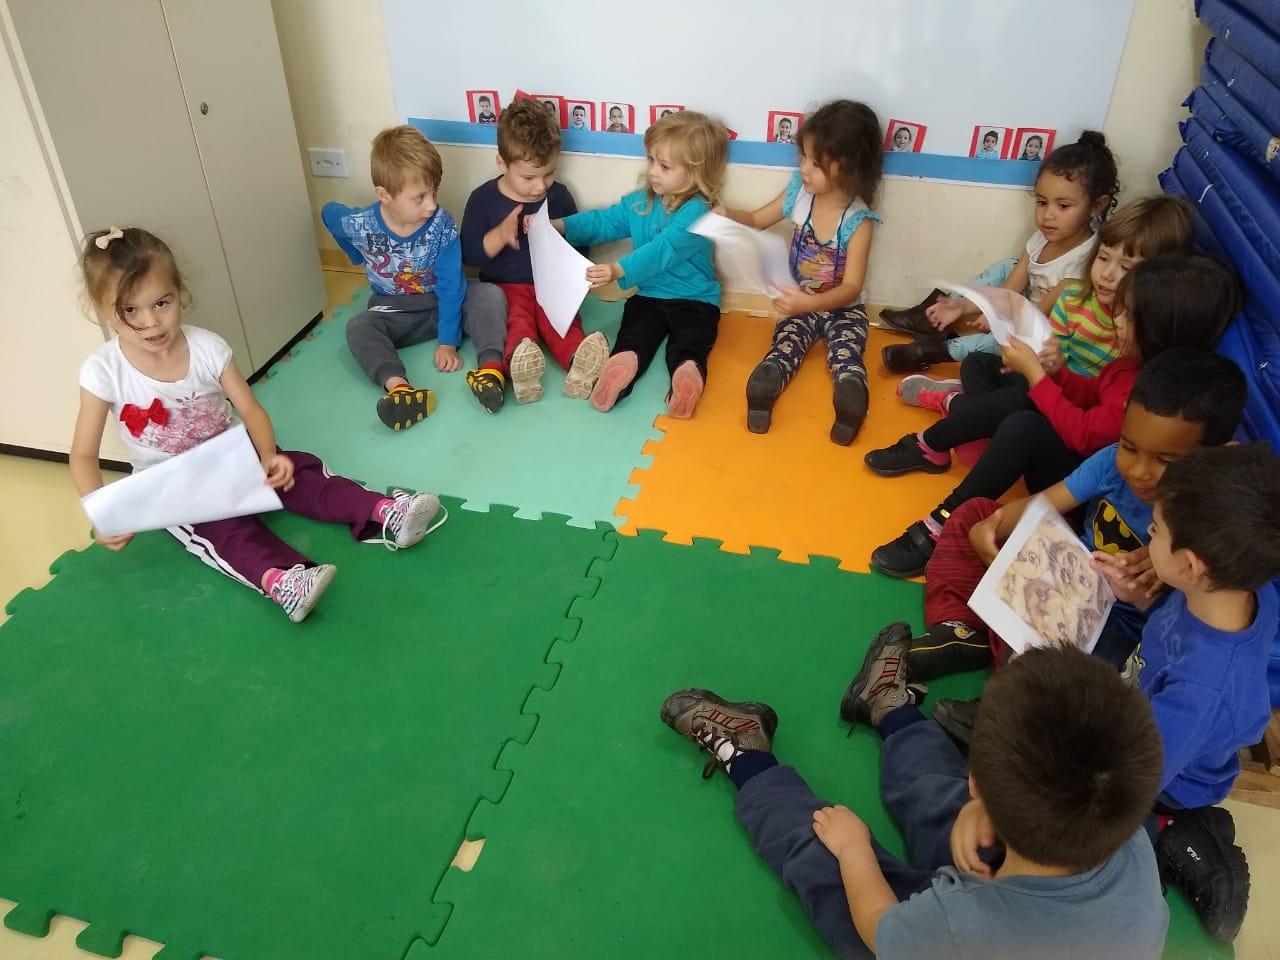 Educação Financeira para crianças de 3 anos